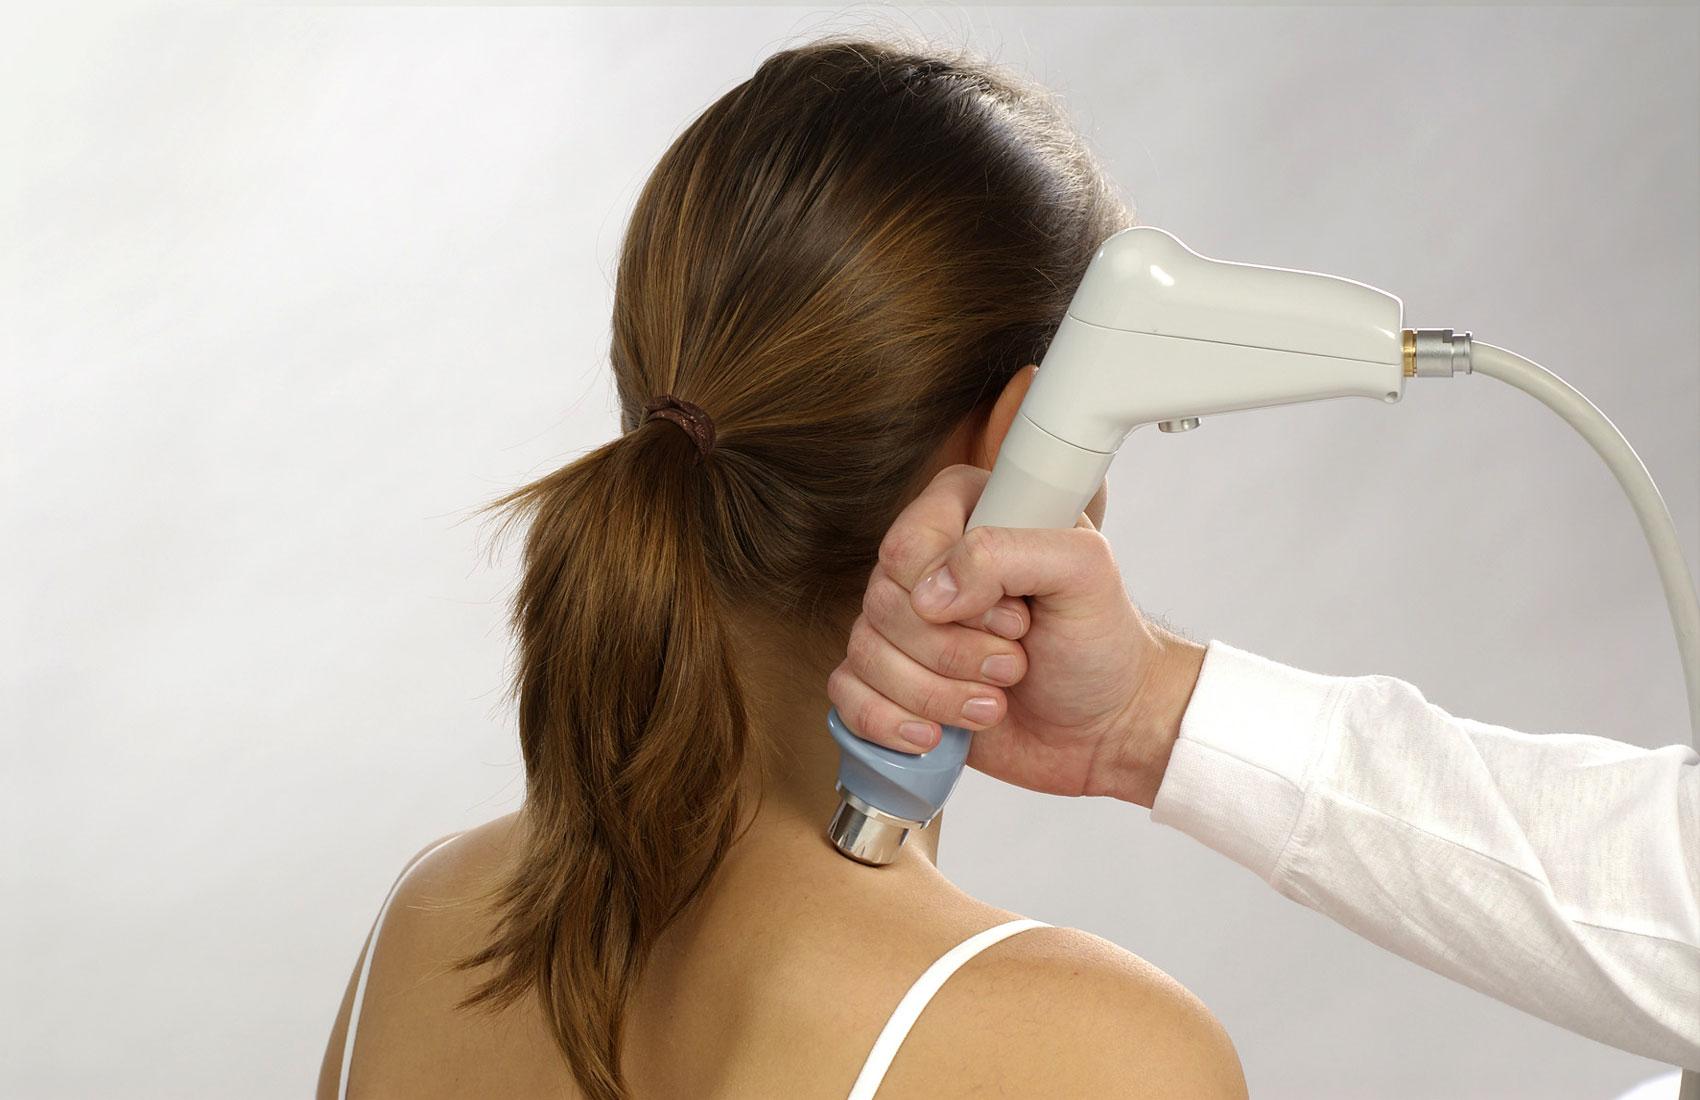 Ультразвуковая терапия (УЗТ) – это ультразвуковые колебания, которые применяются для лечения многих заболеваний